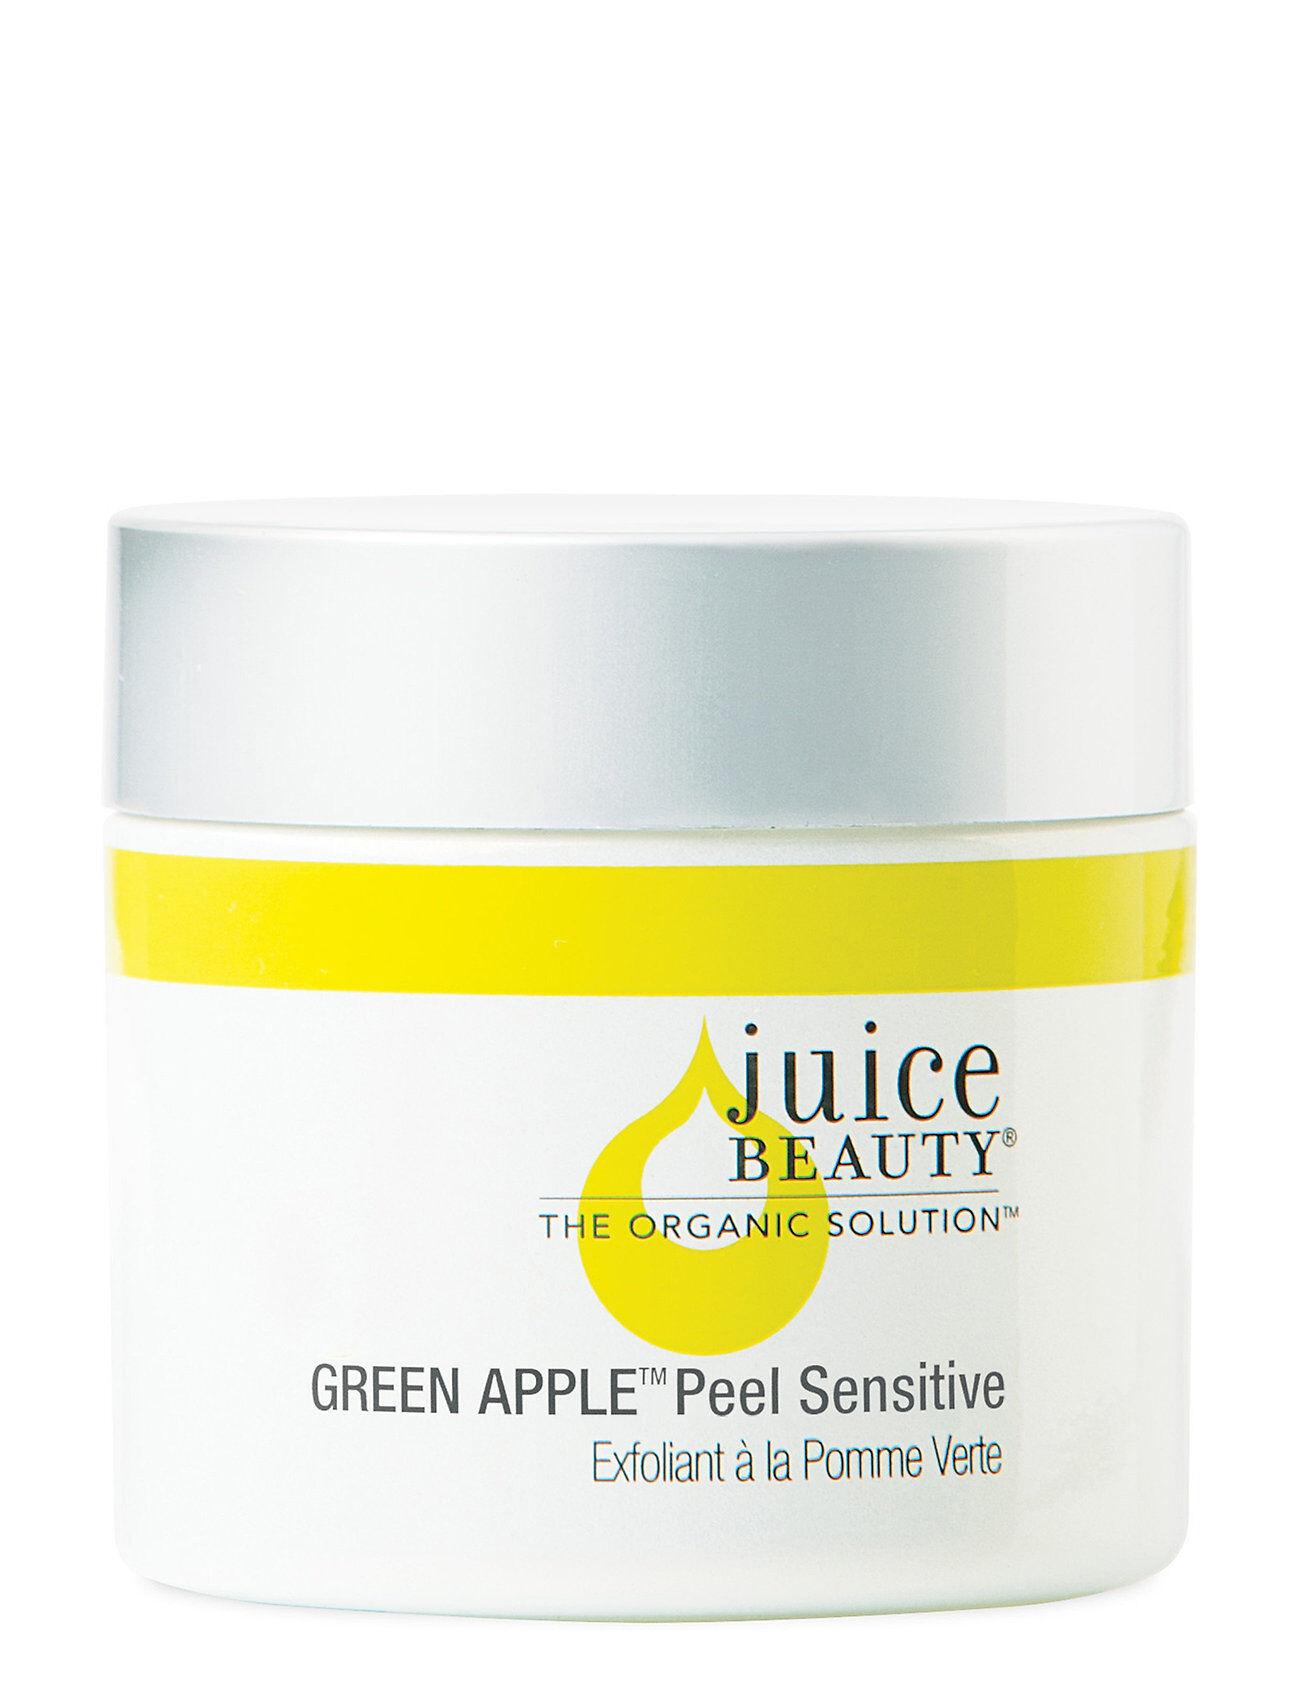 Juice Beauty Green Apple™ Peel Sensitive